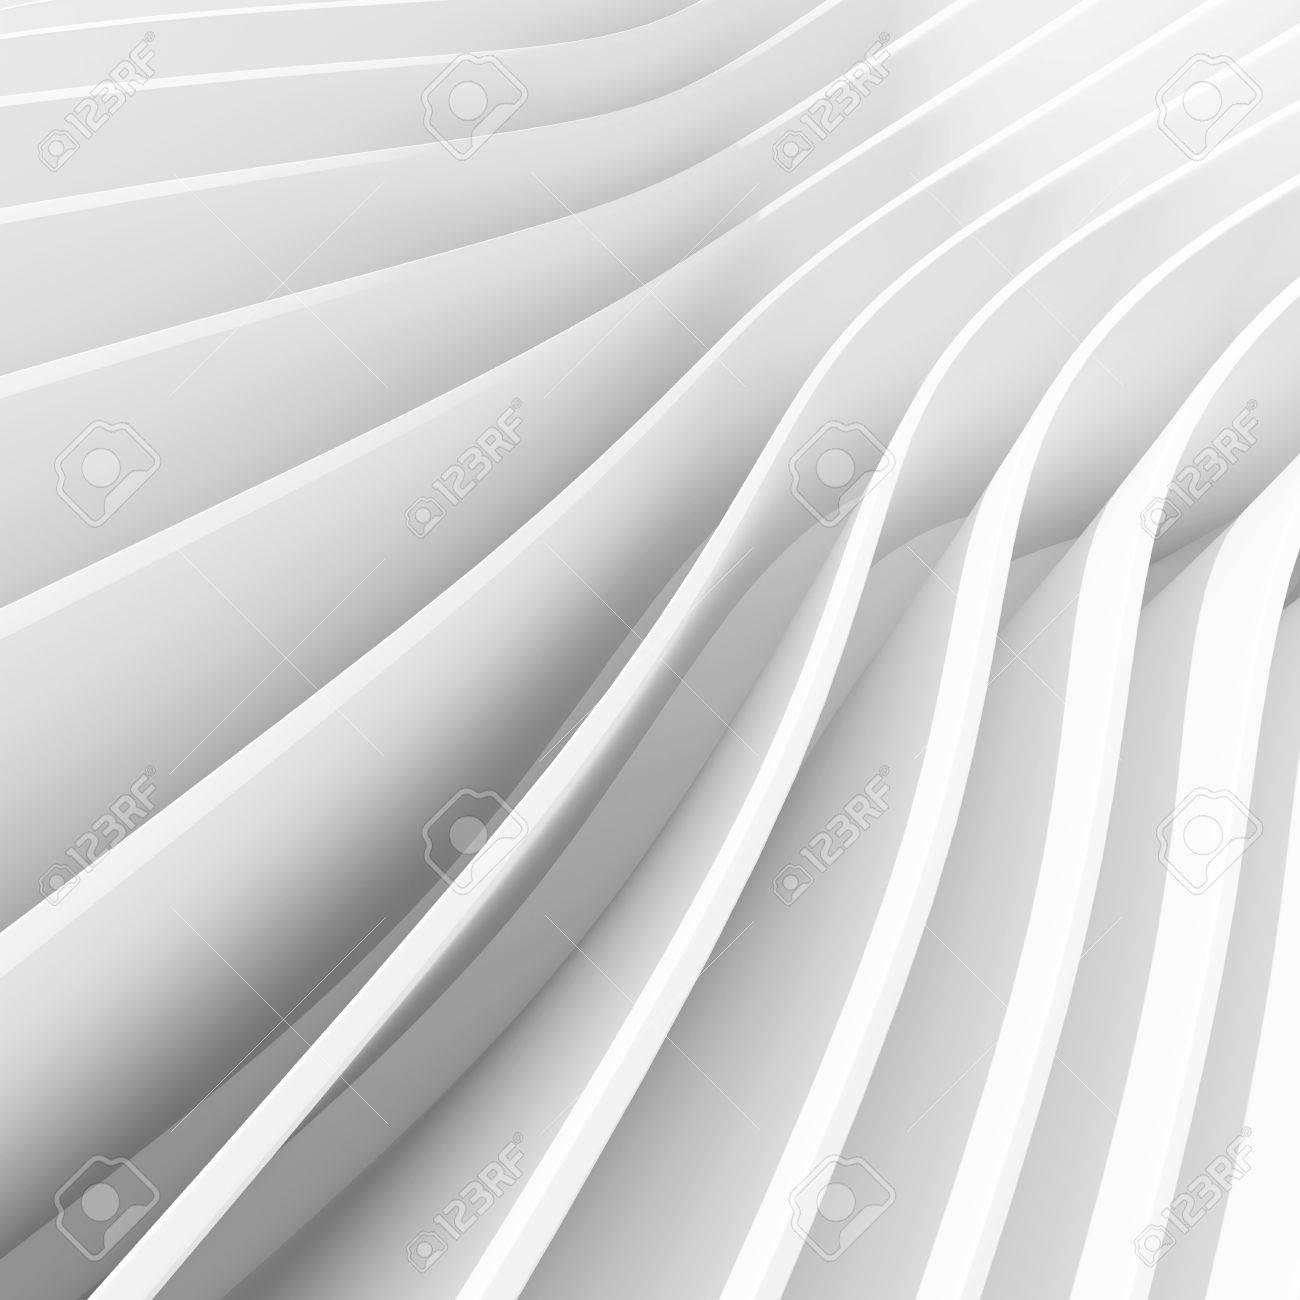 Abstrakt Architektur Hintergrund Weiss Welle Tapete 3d Rendering